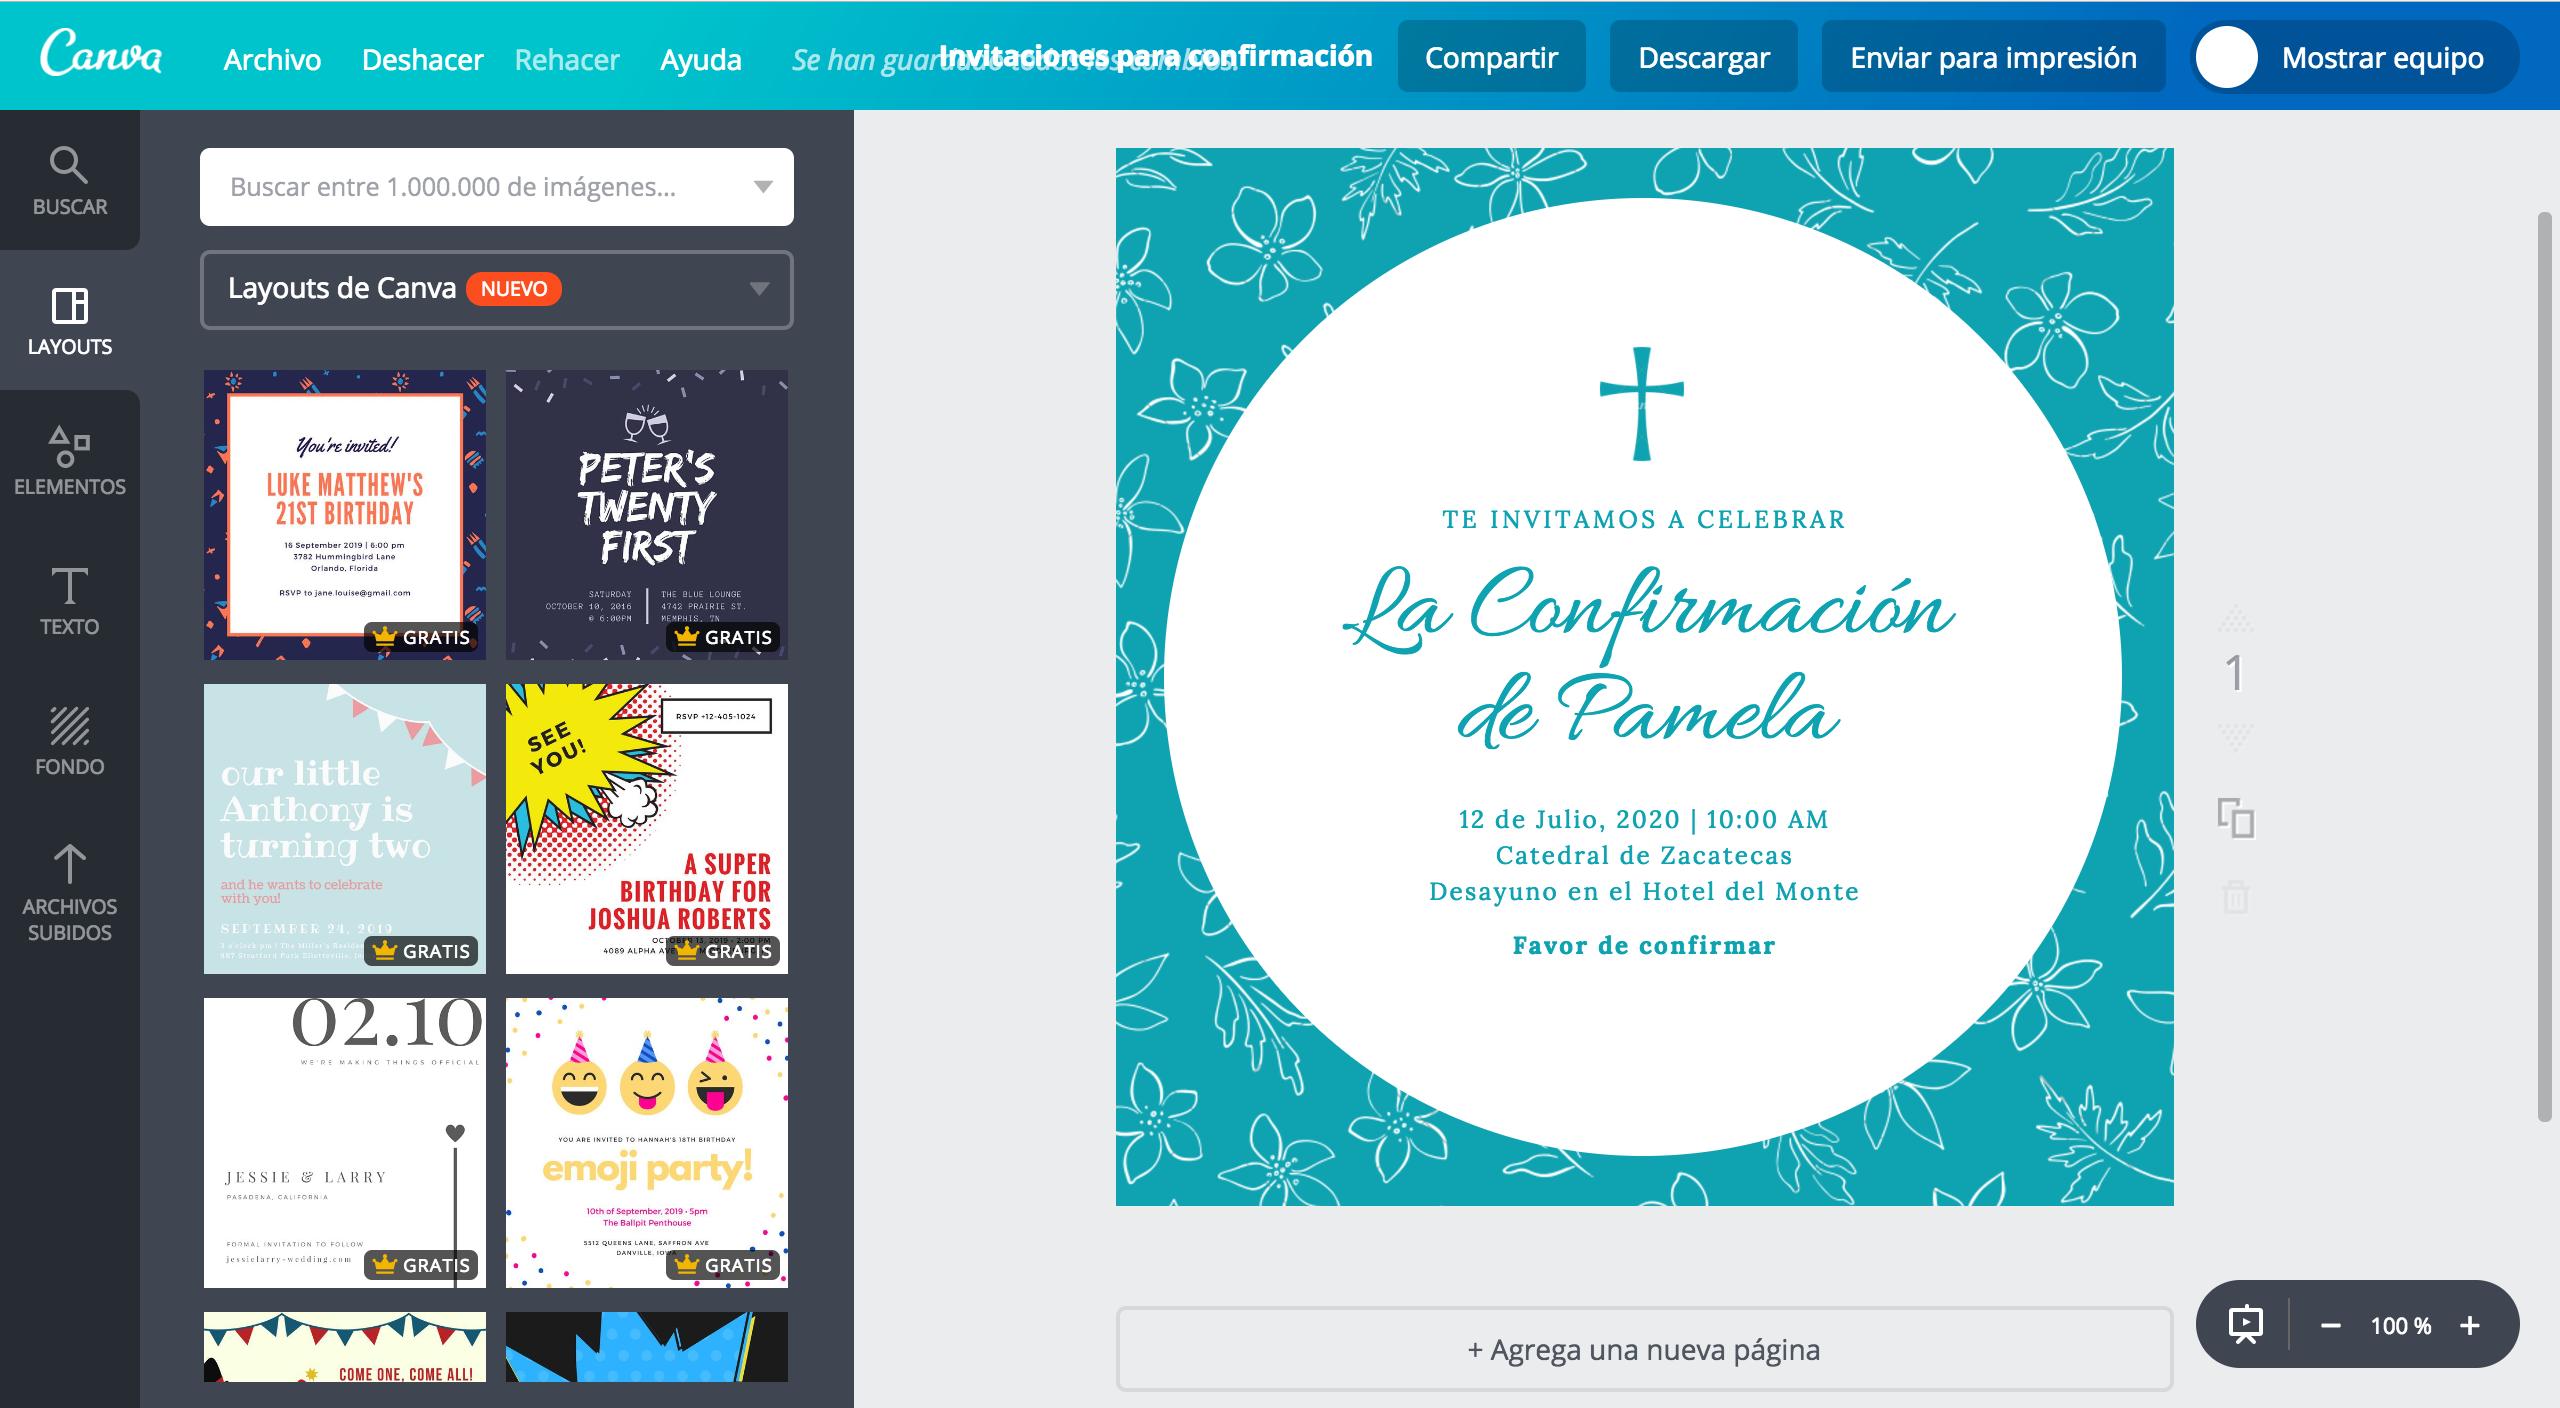 Diseña invitaciones para confirmación online gratis - Canva